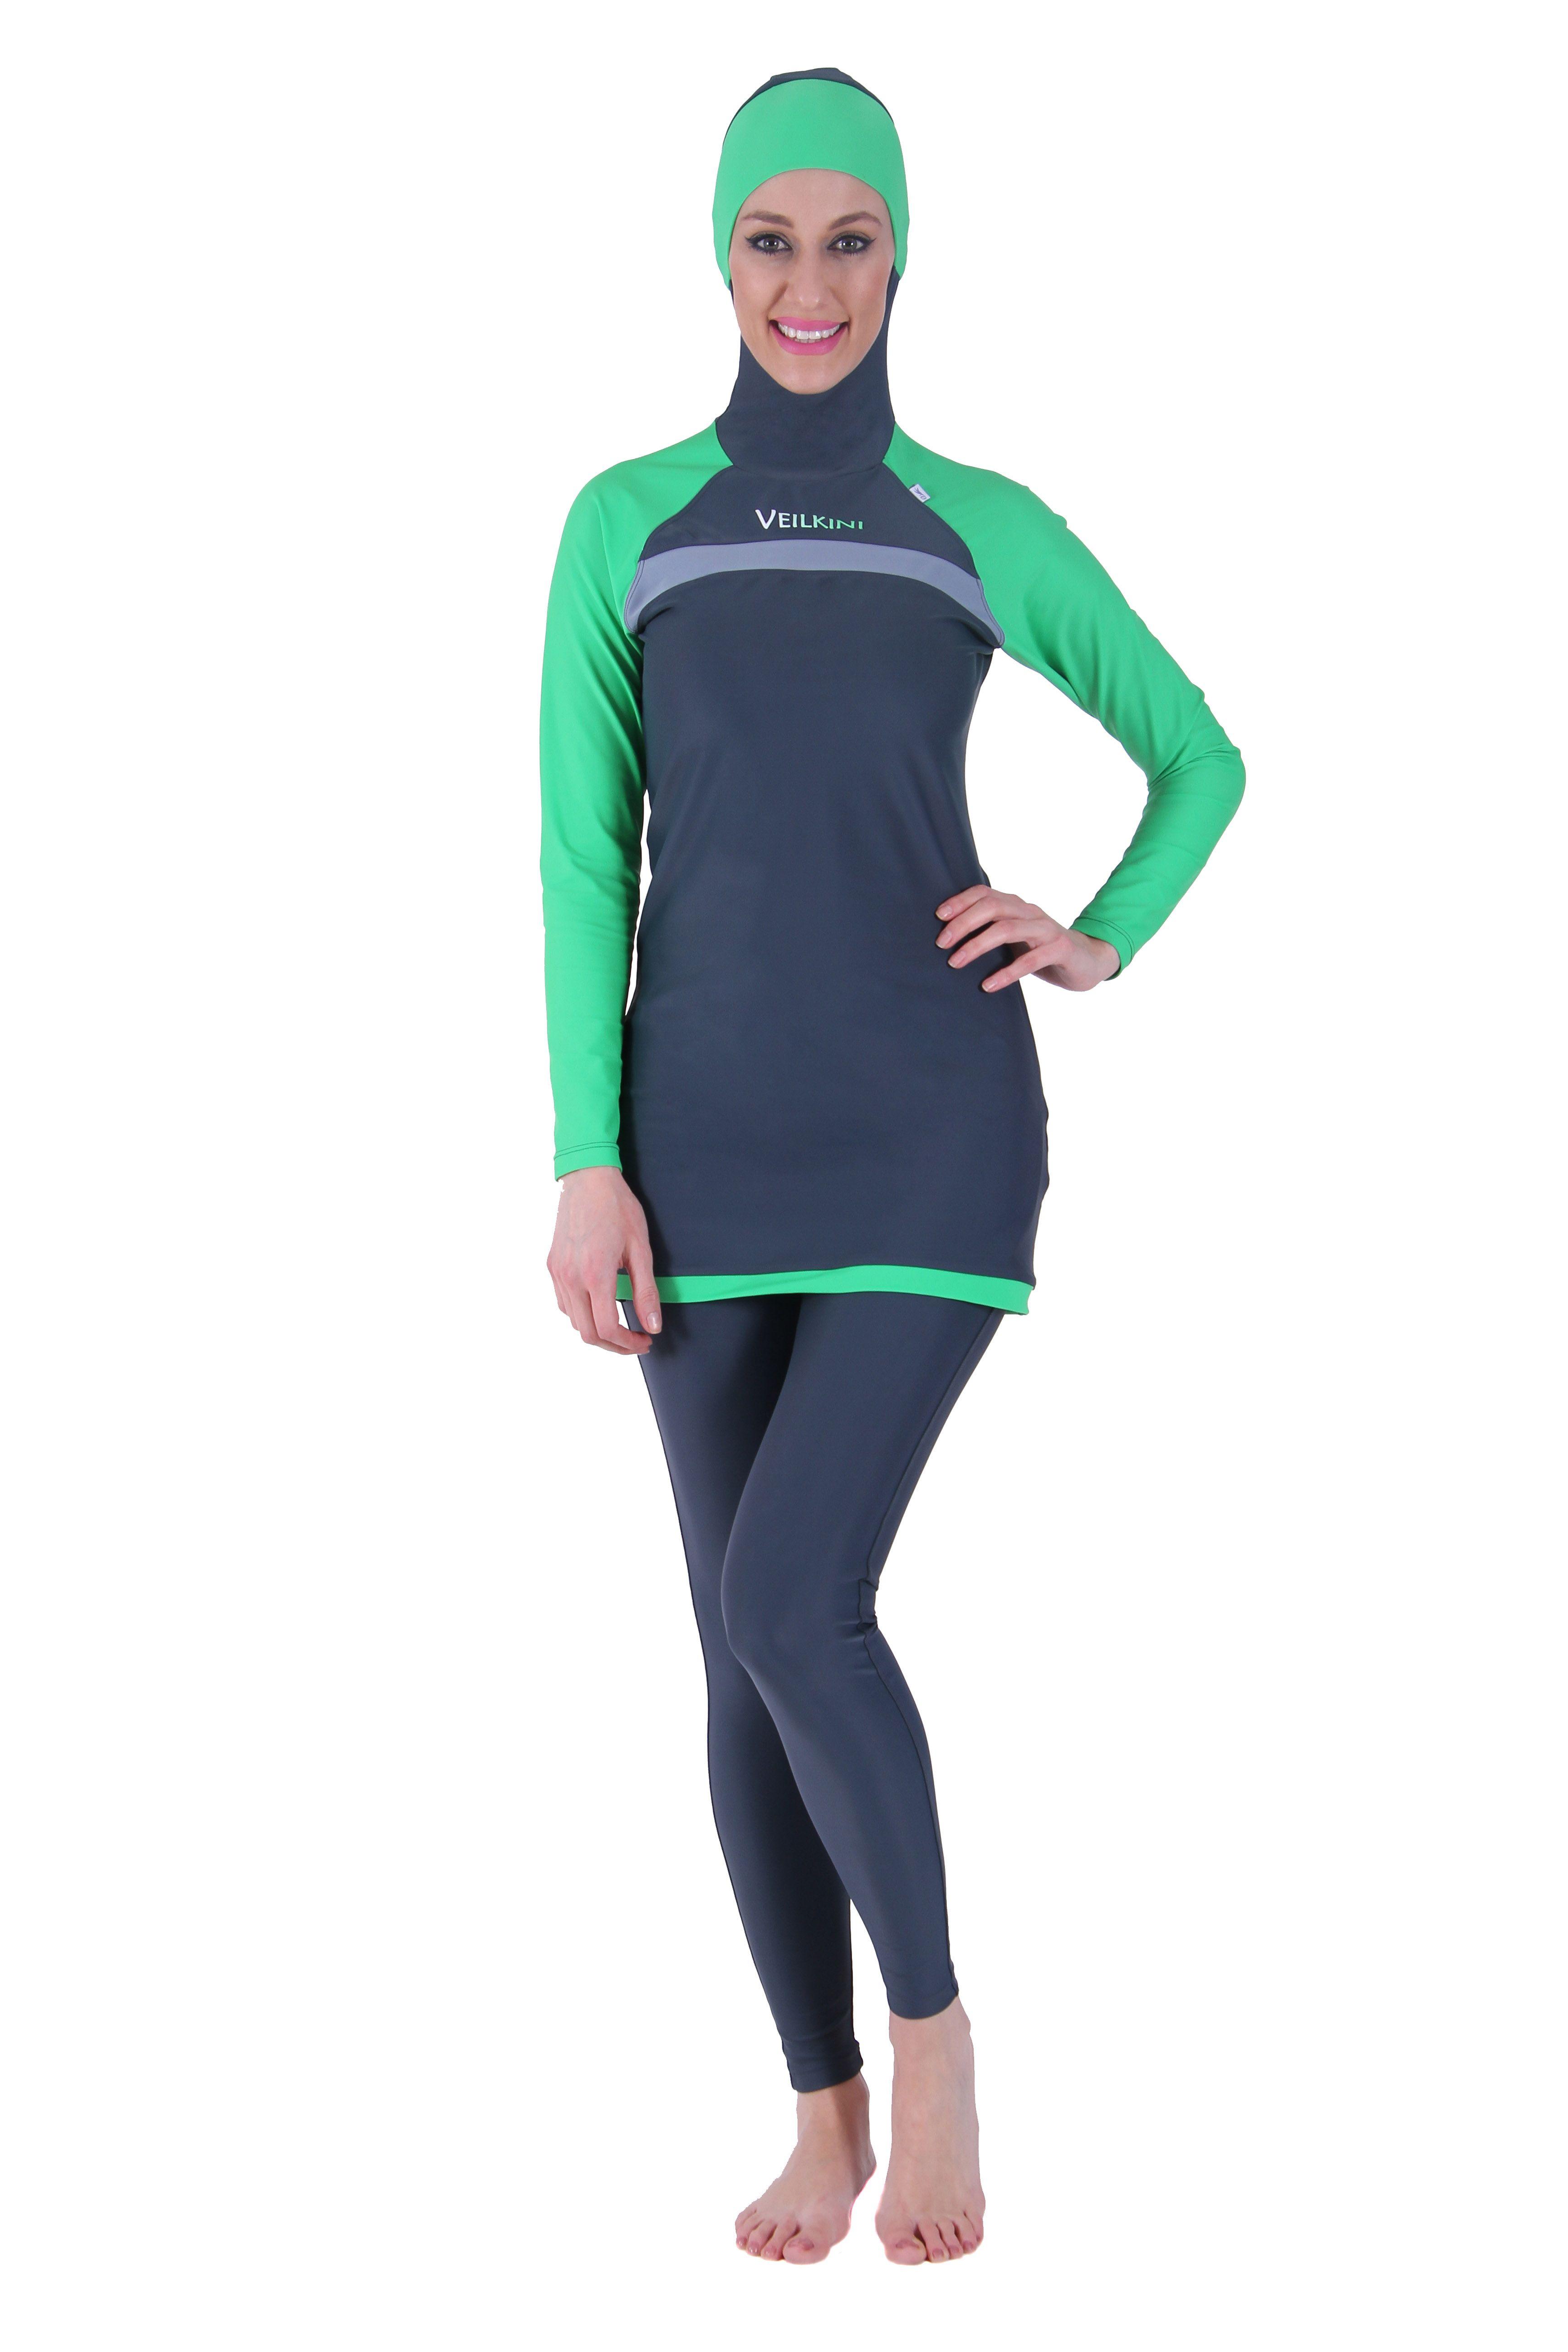 Muslim Women Islamic Swimwear Modest Full Cover Burkini Swimming Costume Bathing